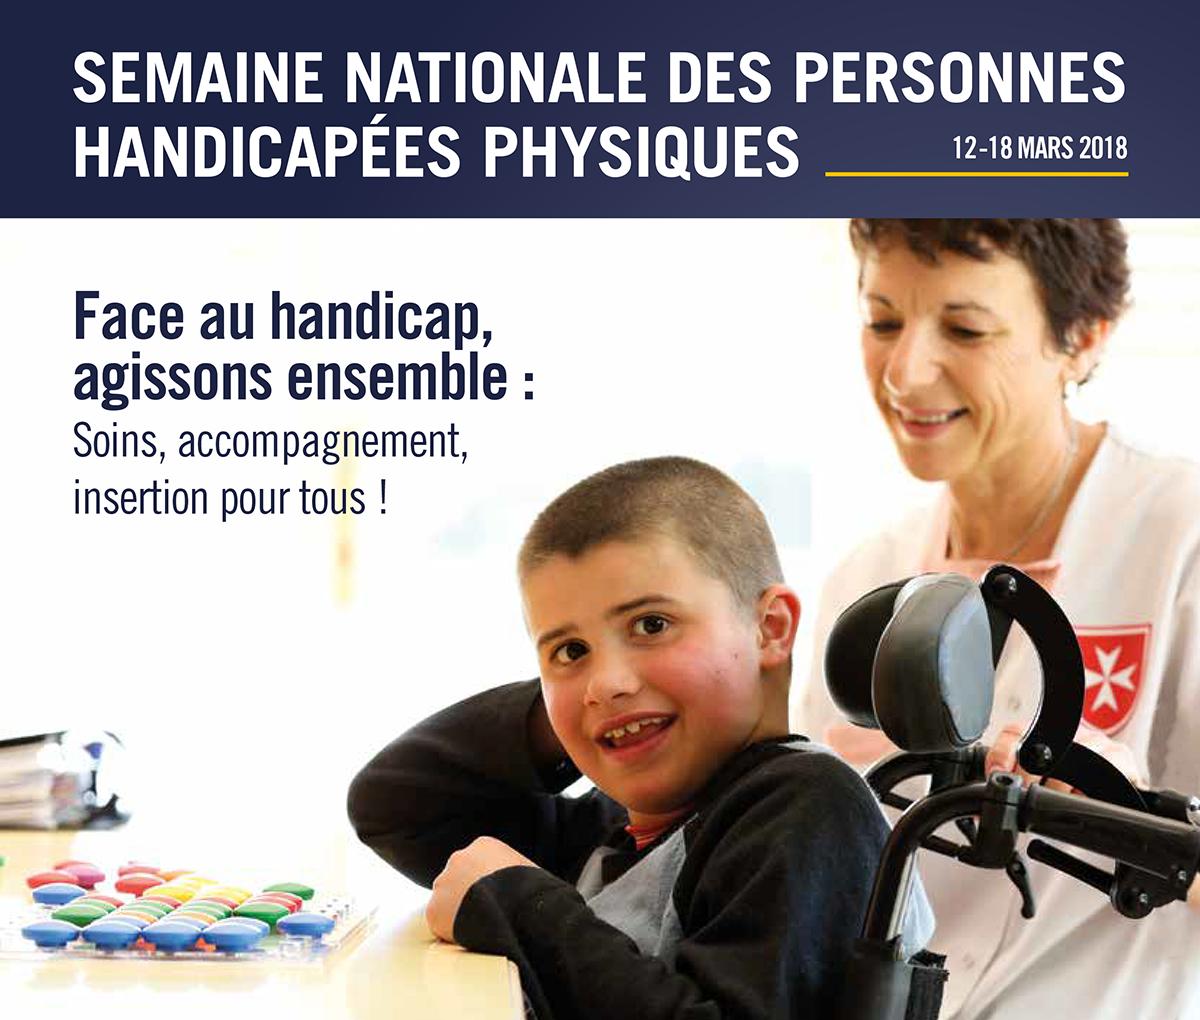 Semaine nationale des personnes handicapées physiques